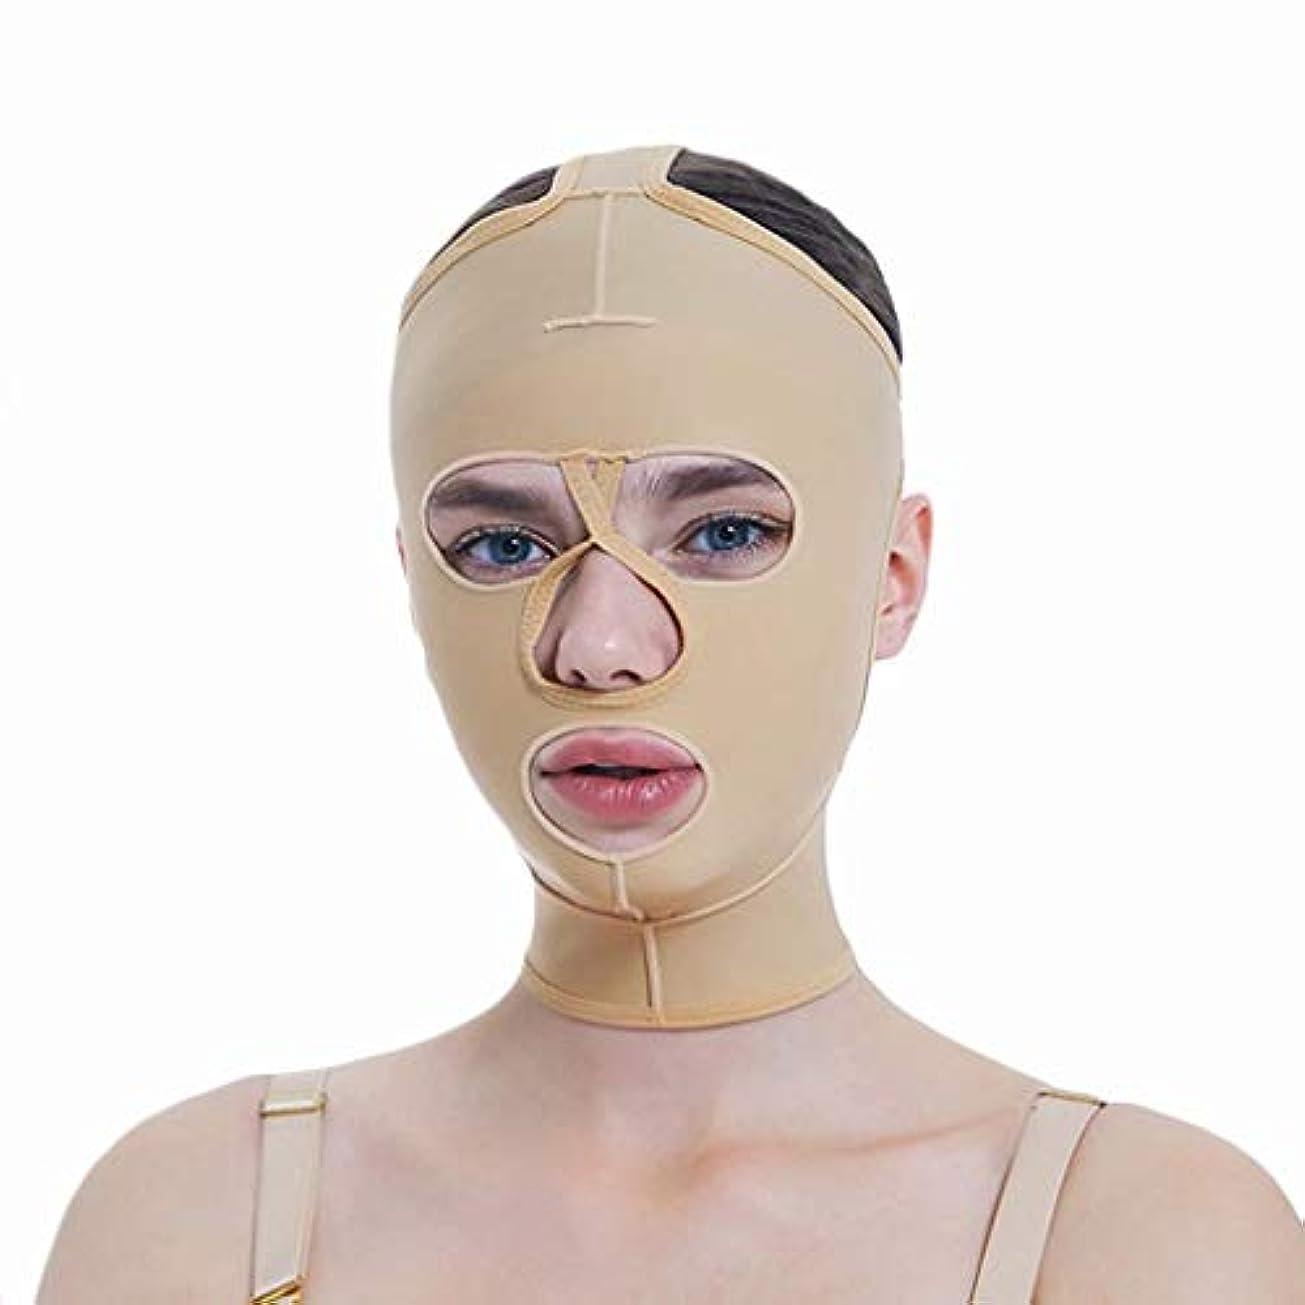 反対全体に勇敢なフェイシャル減量マスク、フルカバレッジ包帯、フルフェイスリフティングマスク、フェイスマスク、快適で リフティングシェーピング(サイズ:S),ザ?